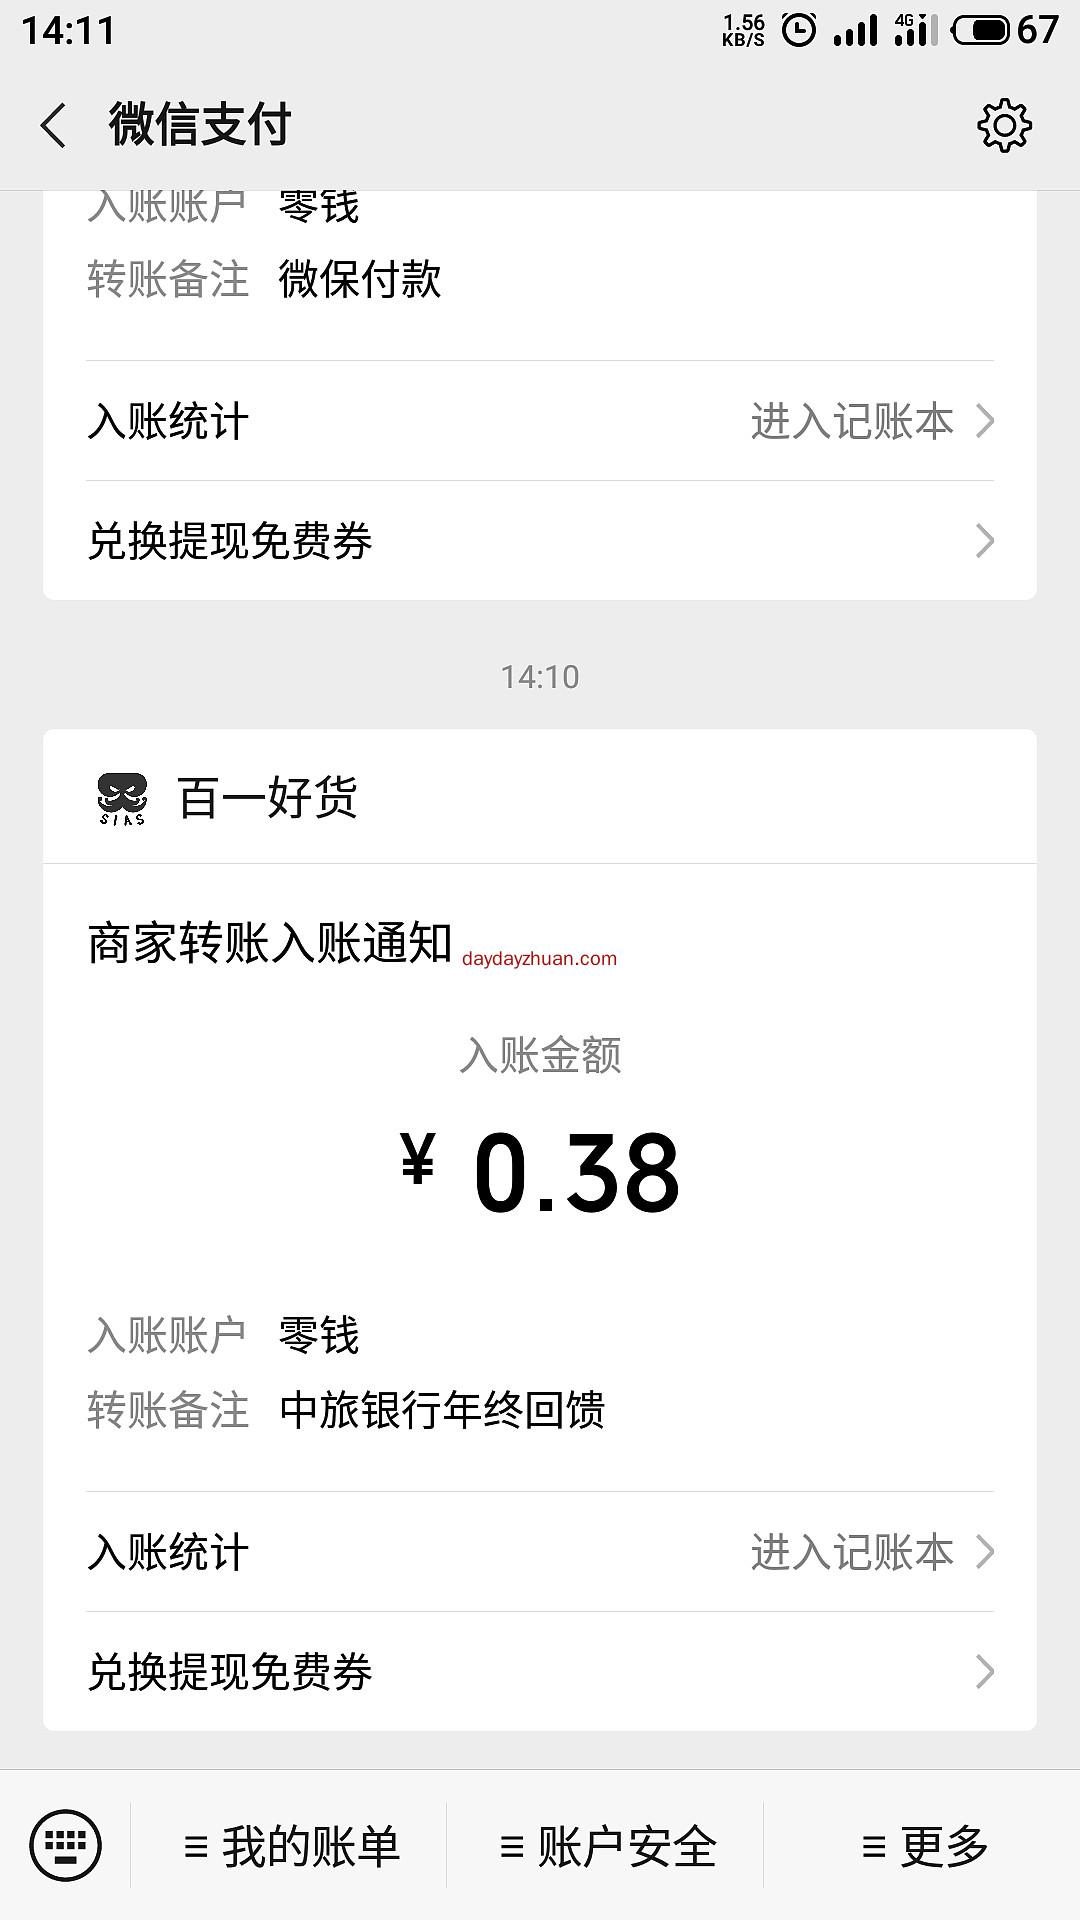 中旅银行年终大回馈抽奖送0.38元wx红包  第2张